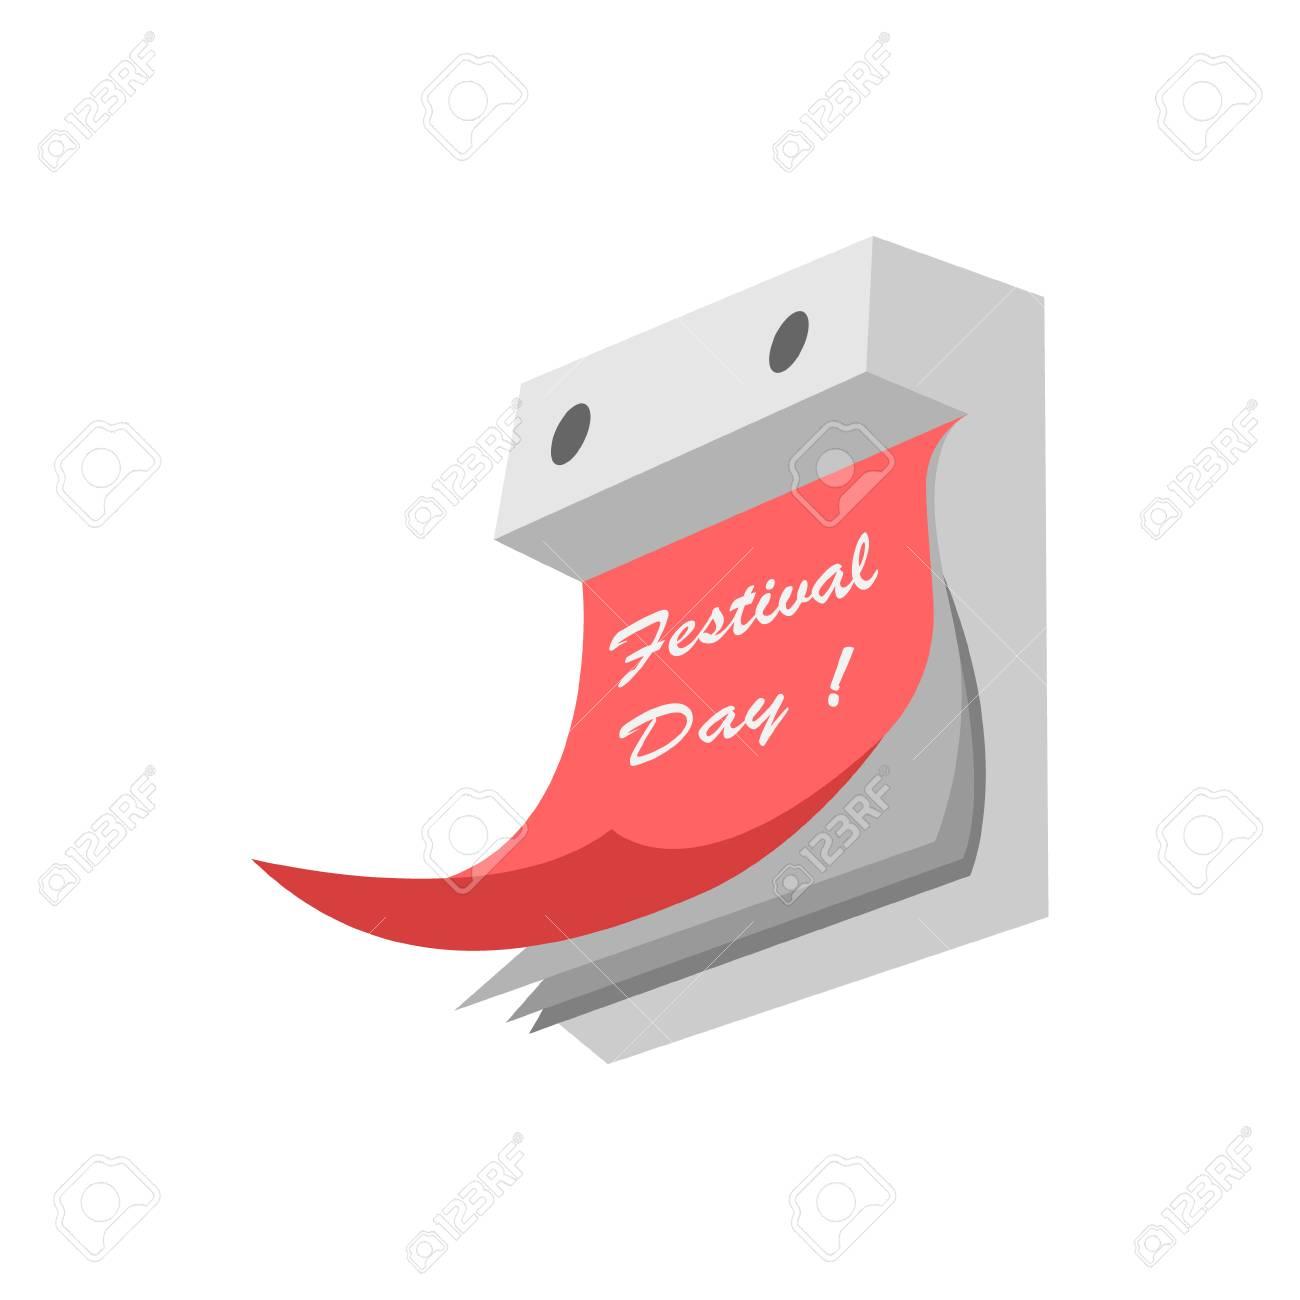 Calendario A Strappo.Illustrazione Vettoriale Di Un Calendario A Strappo Su Uno Sfondo Bianco Dipinto In Tonalita Di Grigio Con Una Foglia Rossa Con Un Iscrizione Un